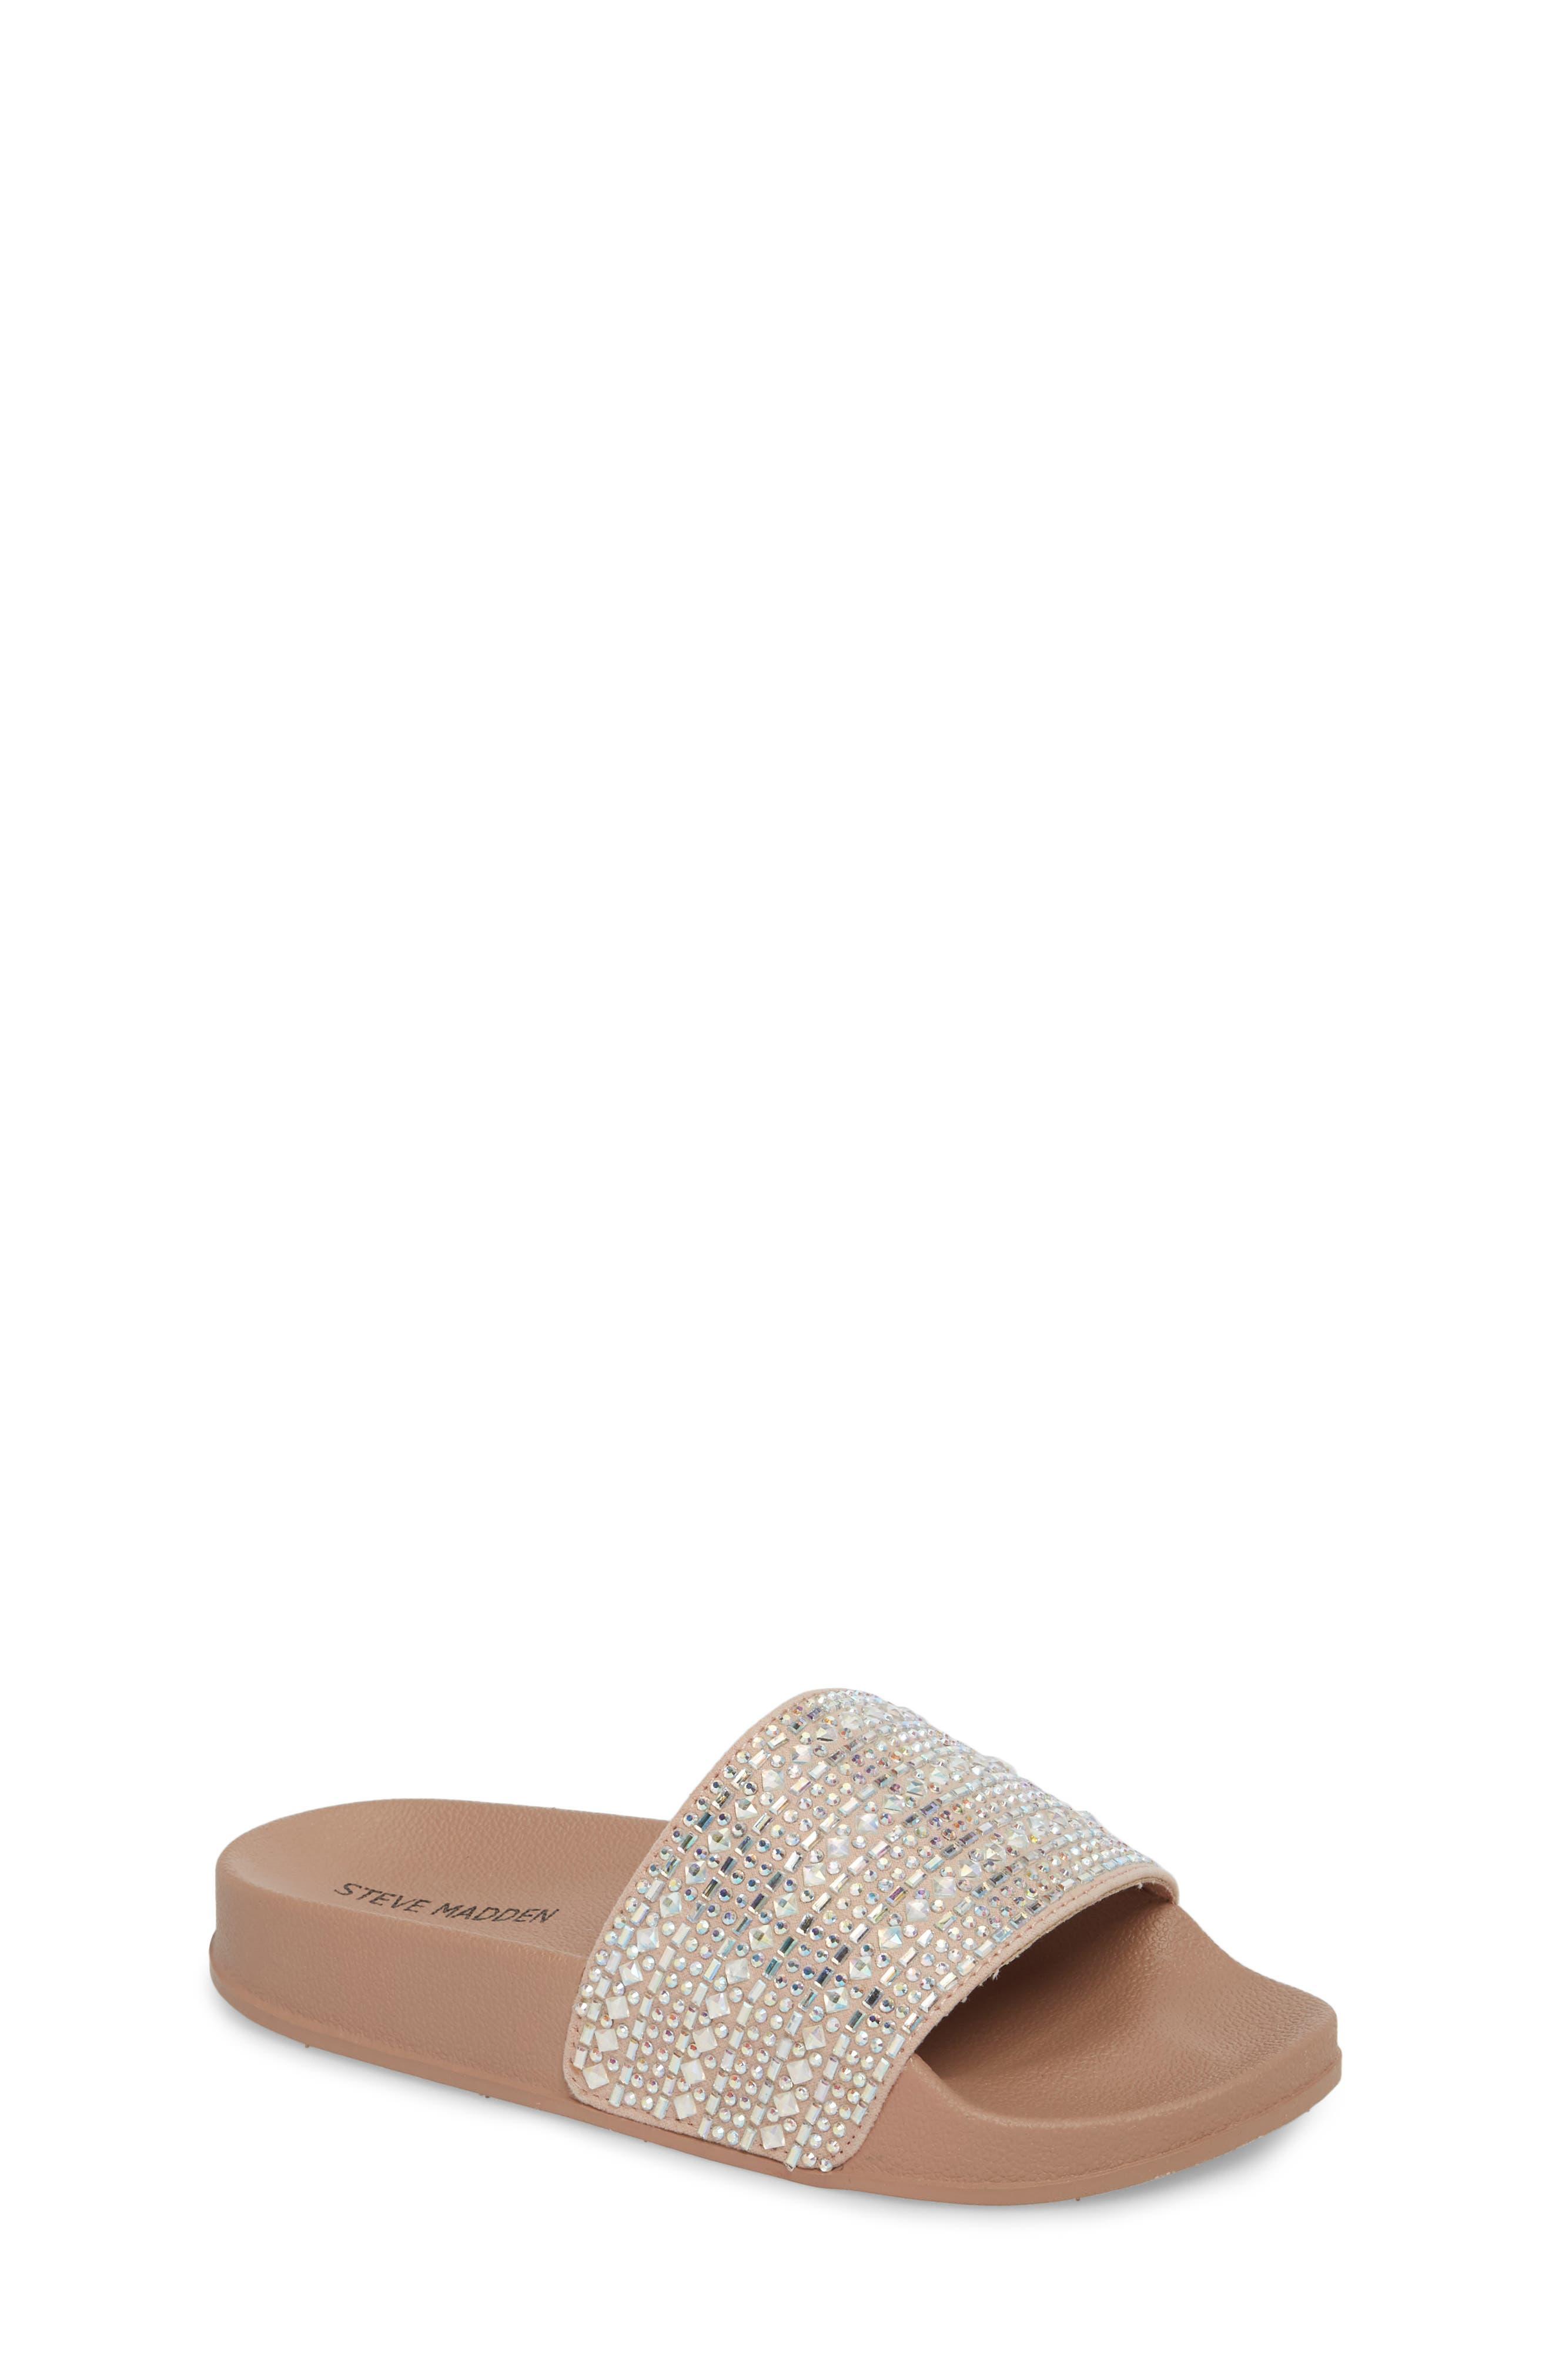 JDAZZLE Crystal Embellished Slide Sandal,                         Main,                         color, Blush